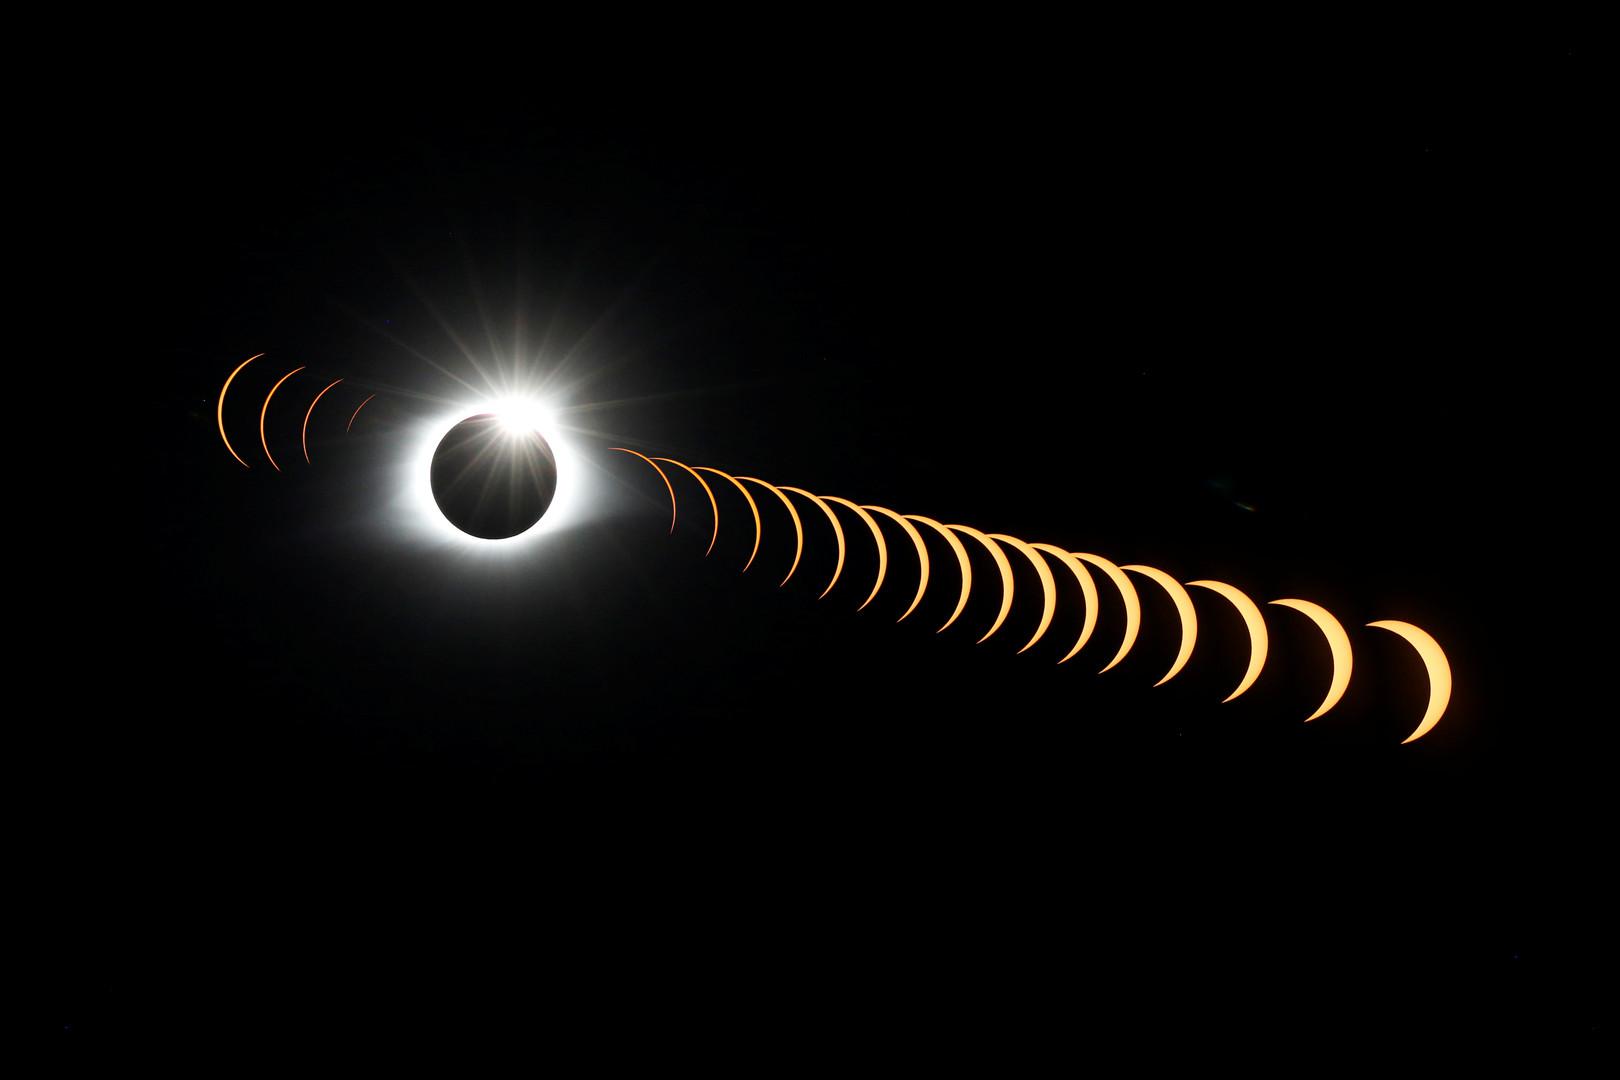 Ein Bild zusammengesetzt aus 21 Bildern zeigt die Sonnenfinsternis. Fotografiert vom Clingsman Dom aus (2.025 Meter), höchster Punkt des Great Smokt Mountains Nationalparks, Tennessee, USA, 21. August 2017.